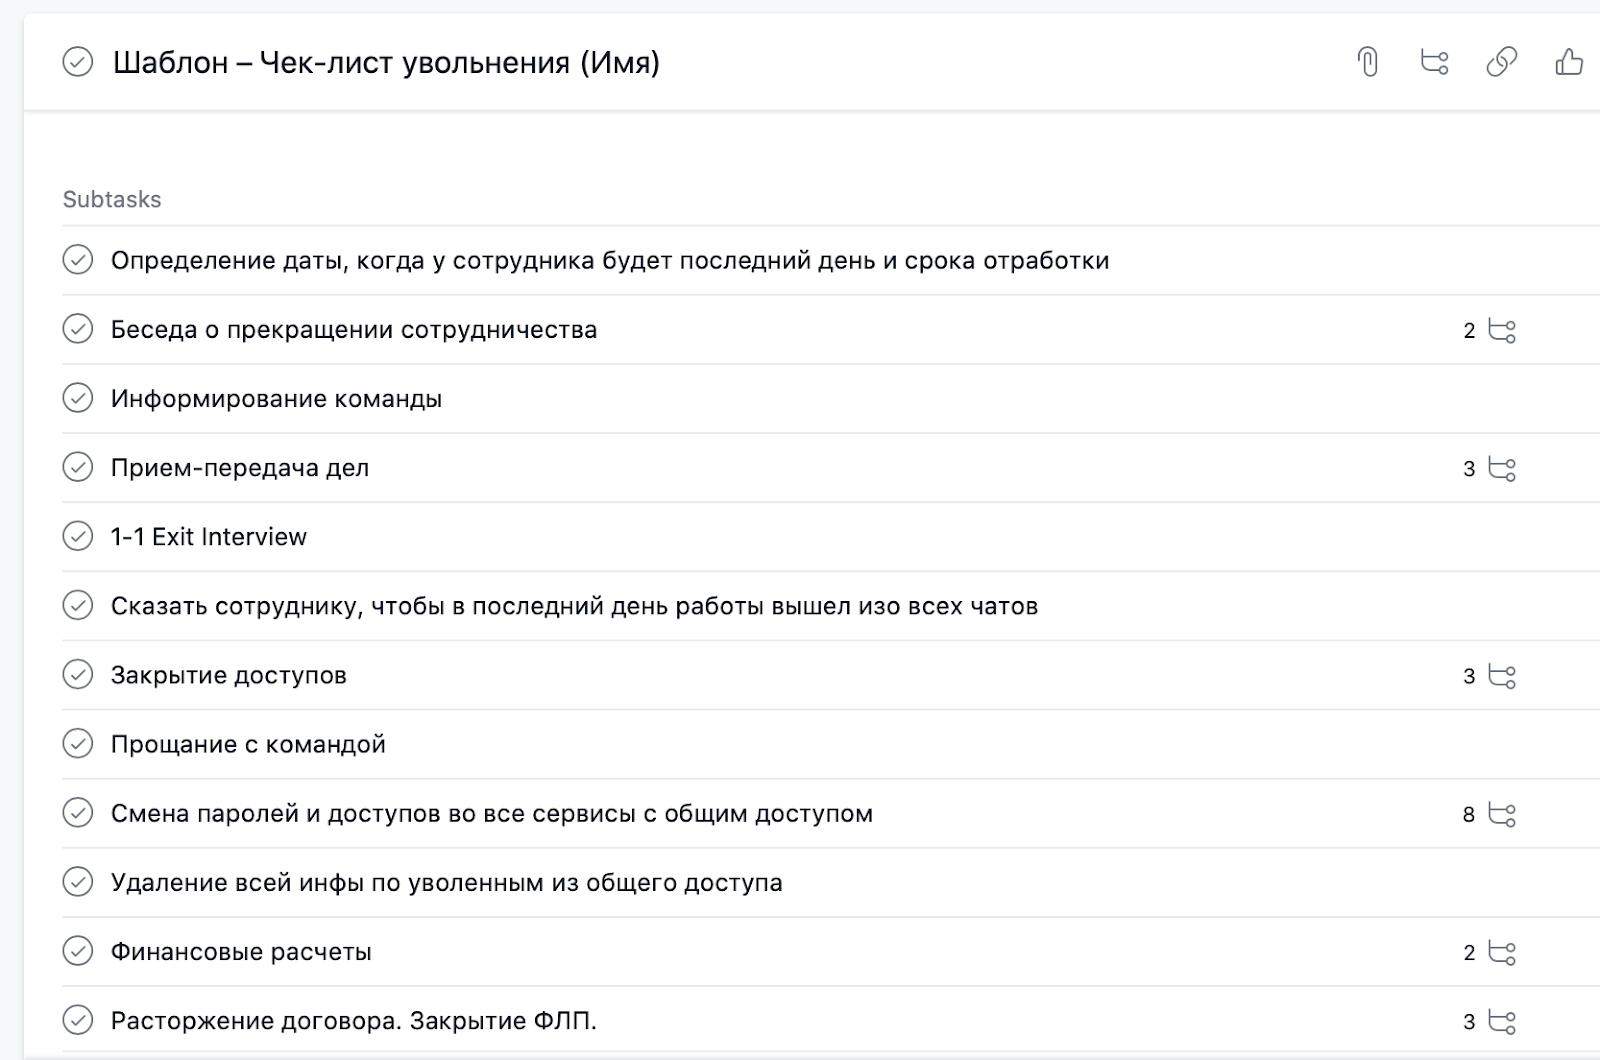 Скриншот из Asana. Чек-лист по увольнению